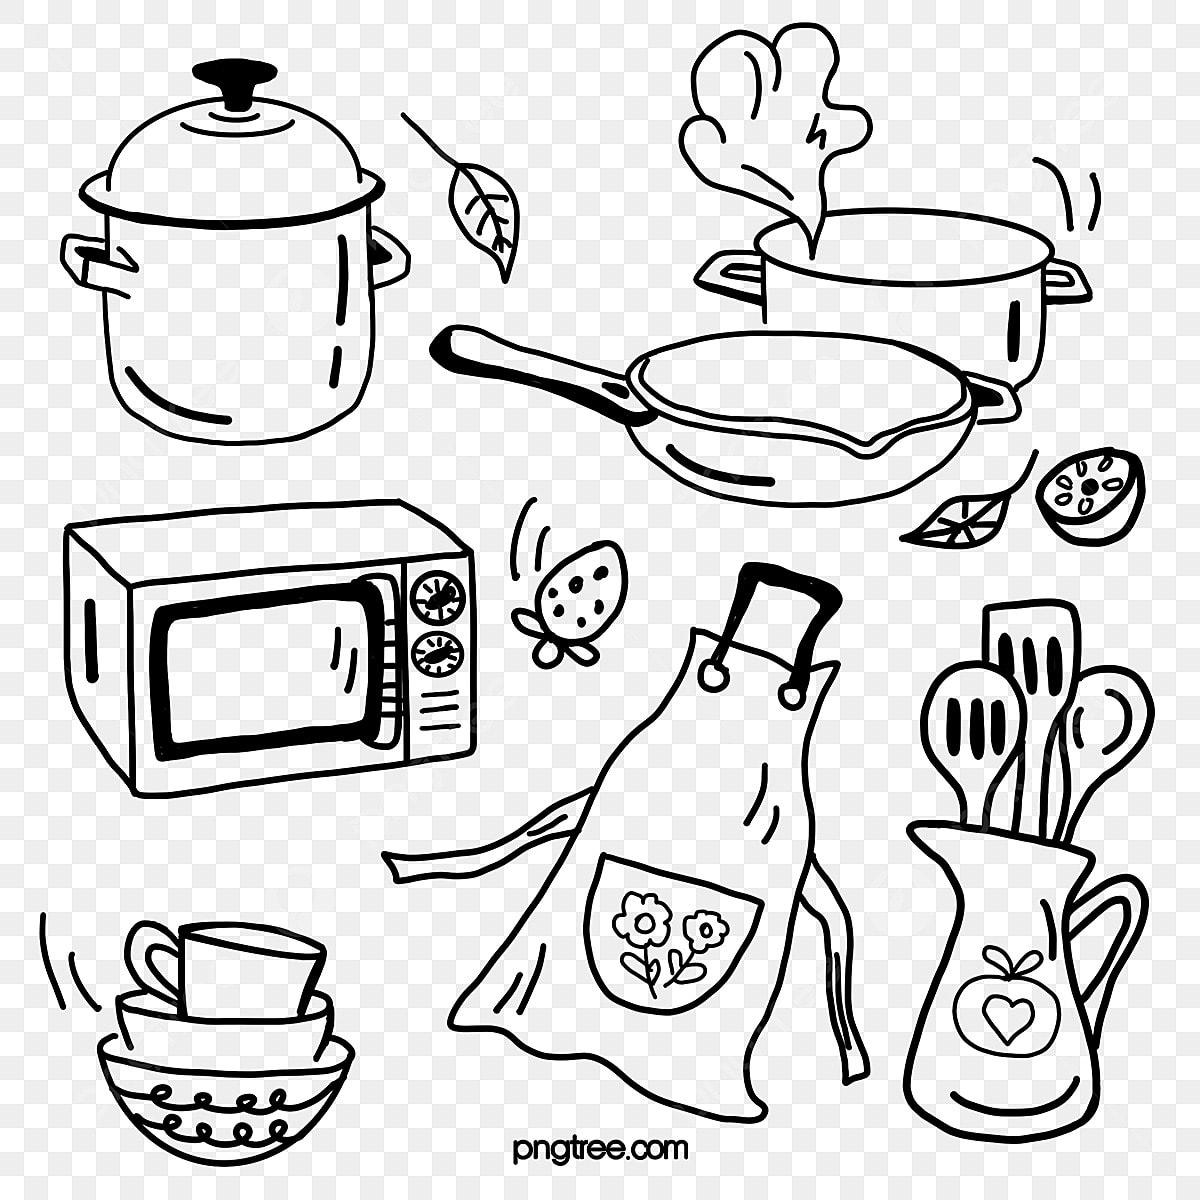 Delantal De Utensilios De Cocina Dibujo Lineal Negro Dibujado A